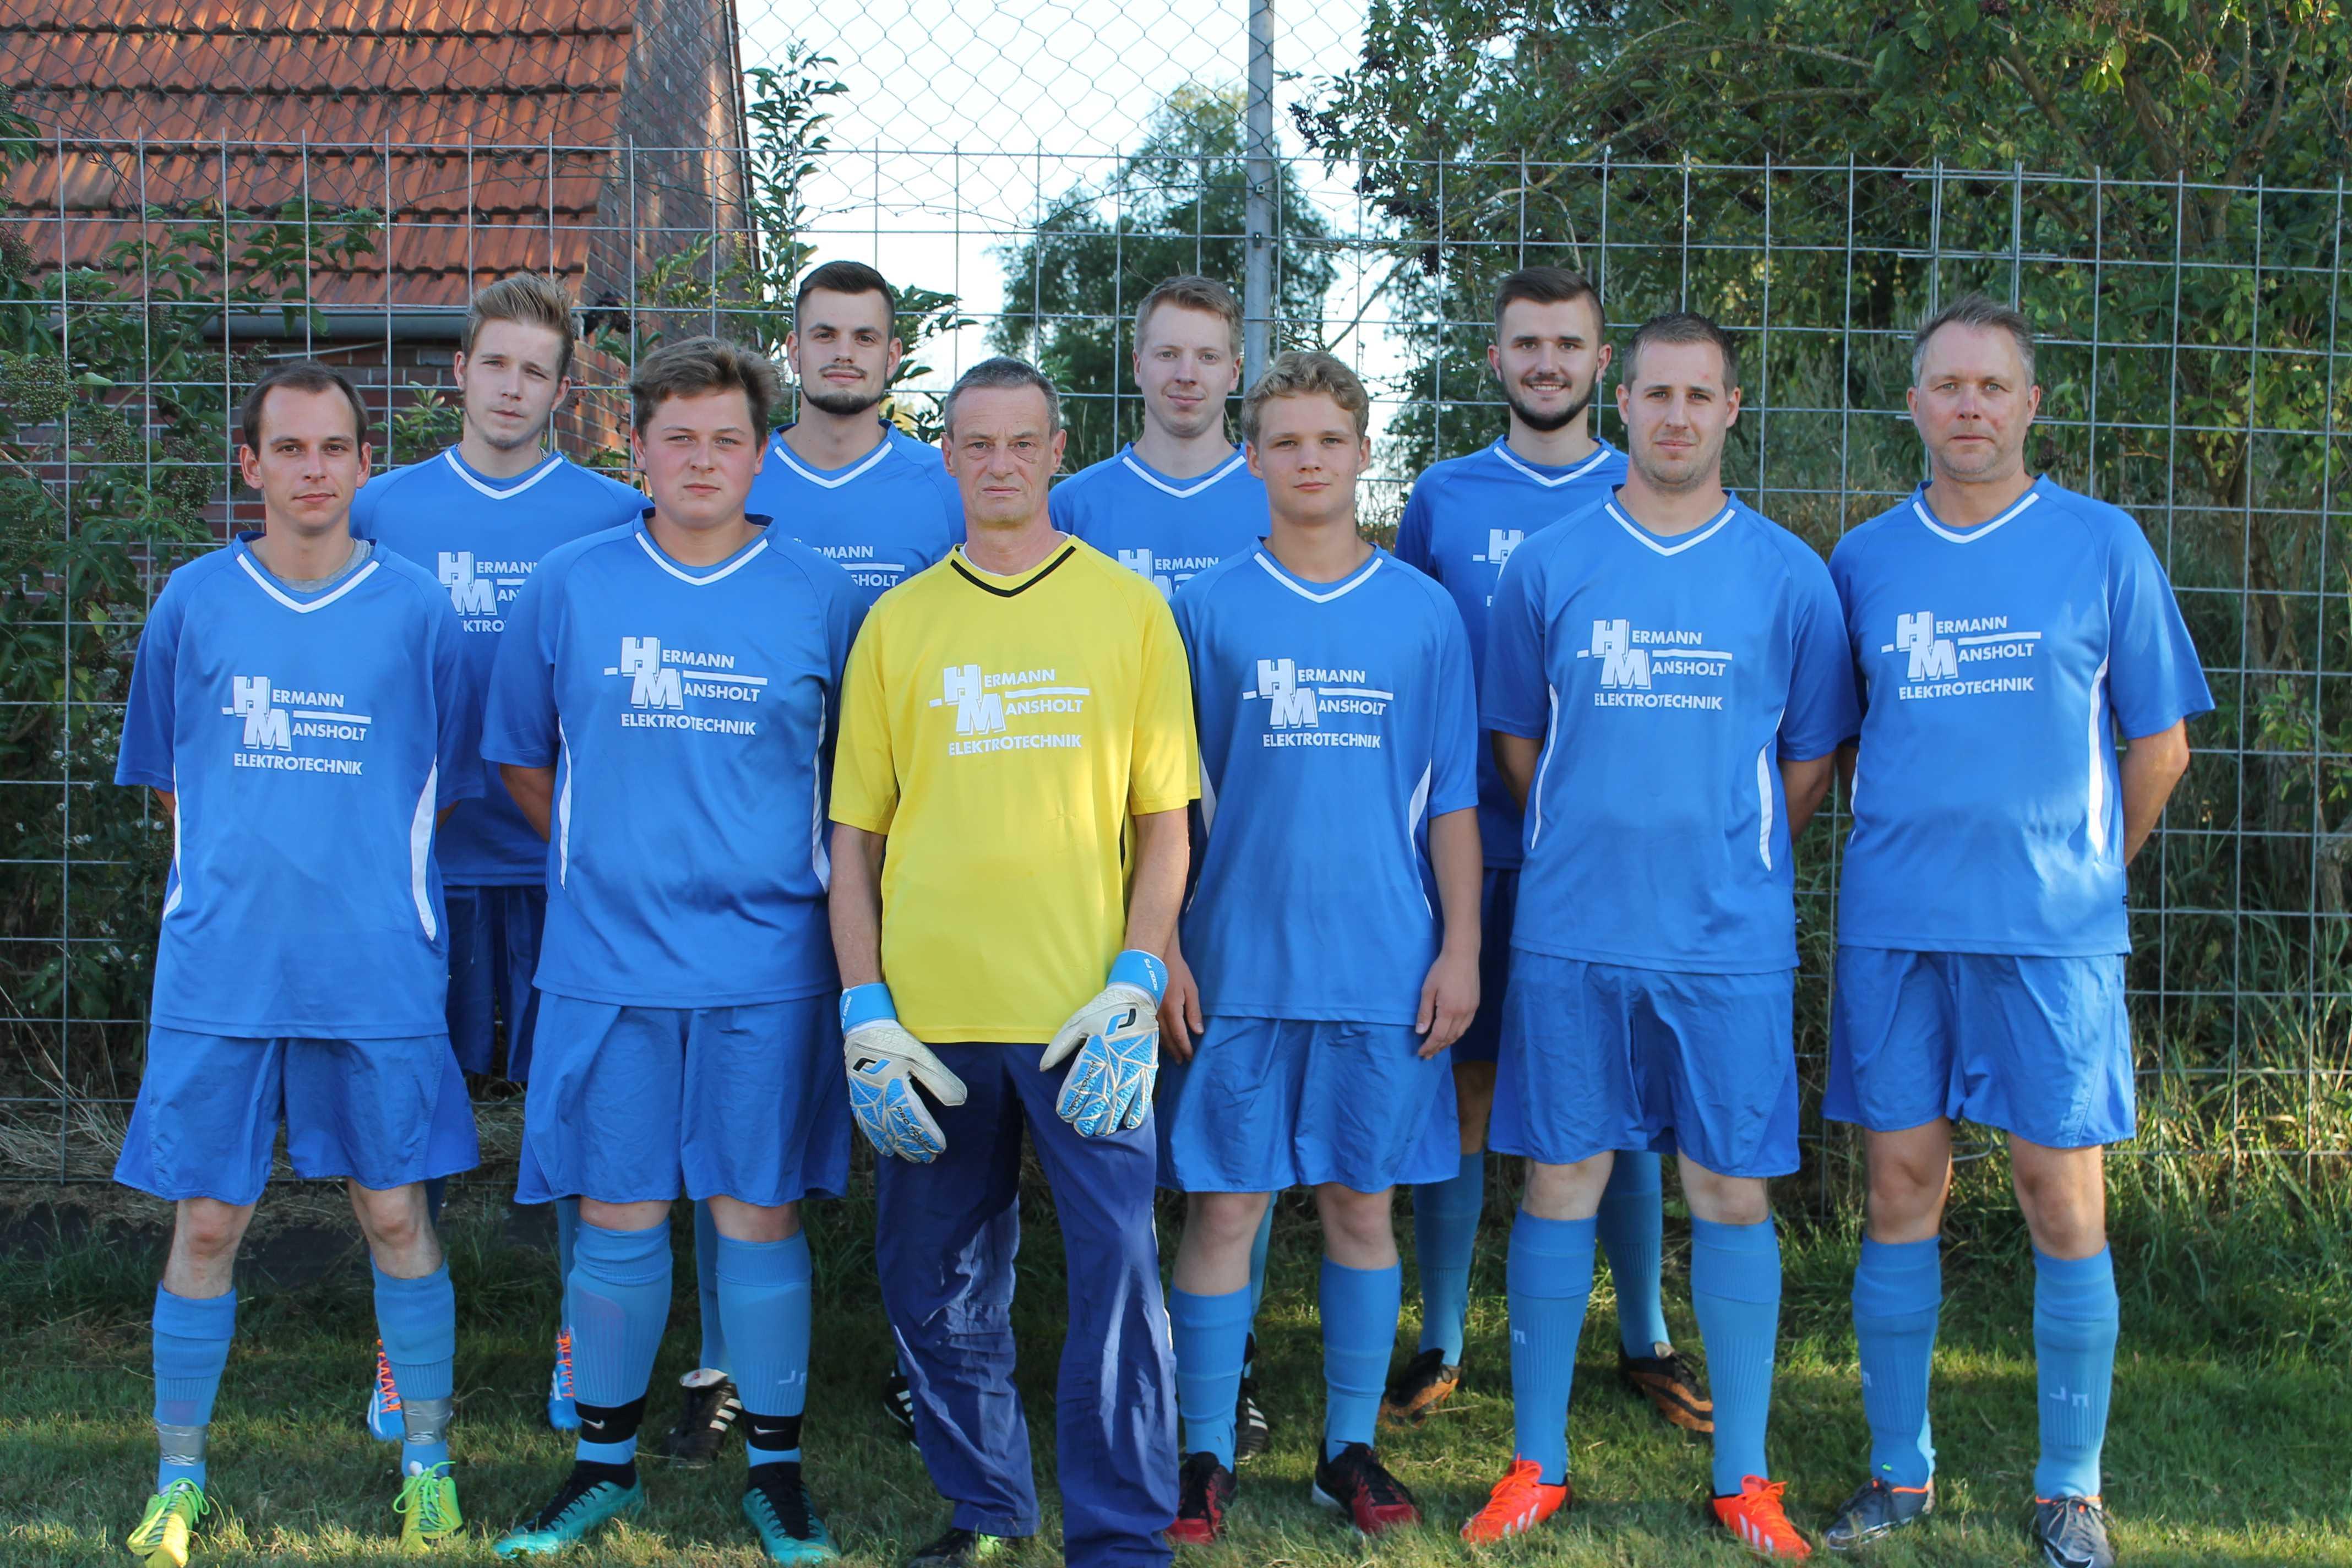 2018-08-03 Sportwoche - 2. und 3. Herrenturnier (7)